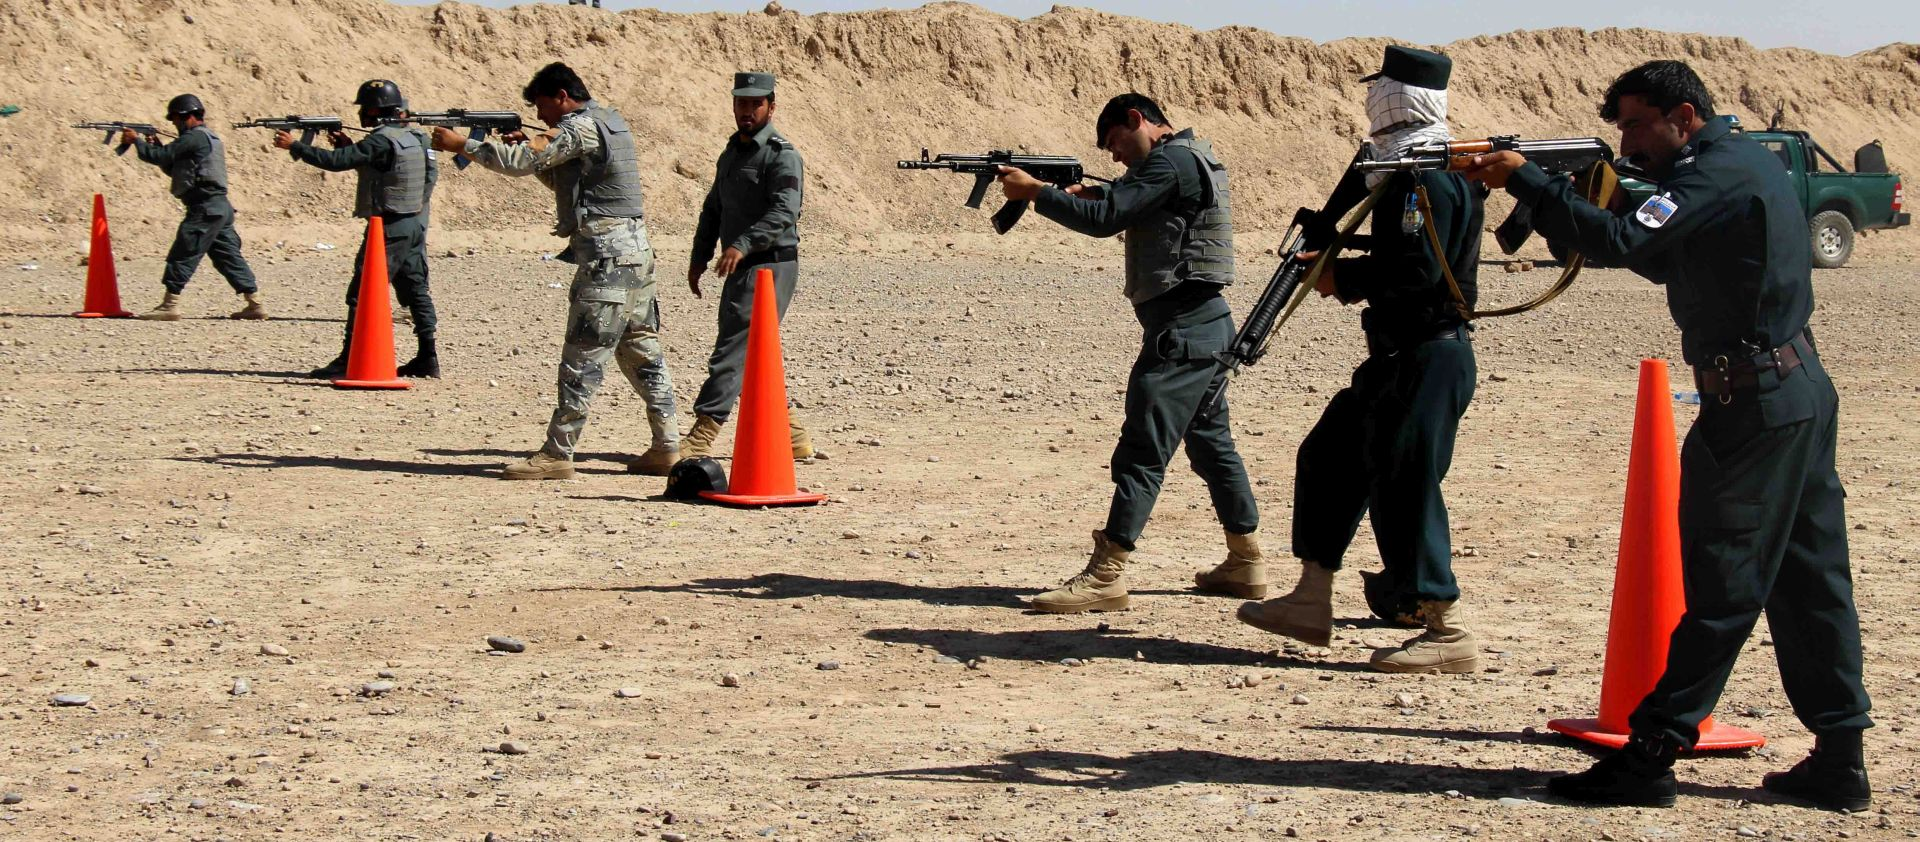 Talibani pokreću novu ofenzivu, glavna meta američke snage